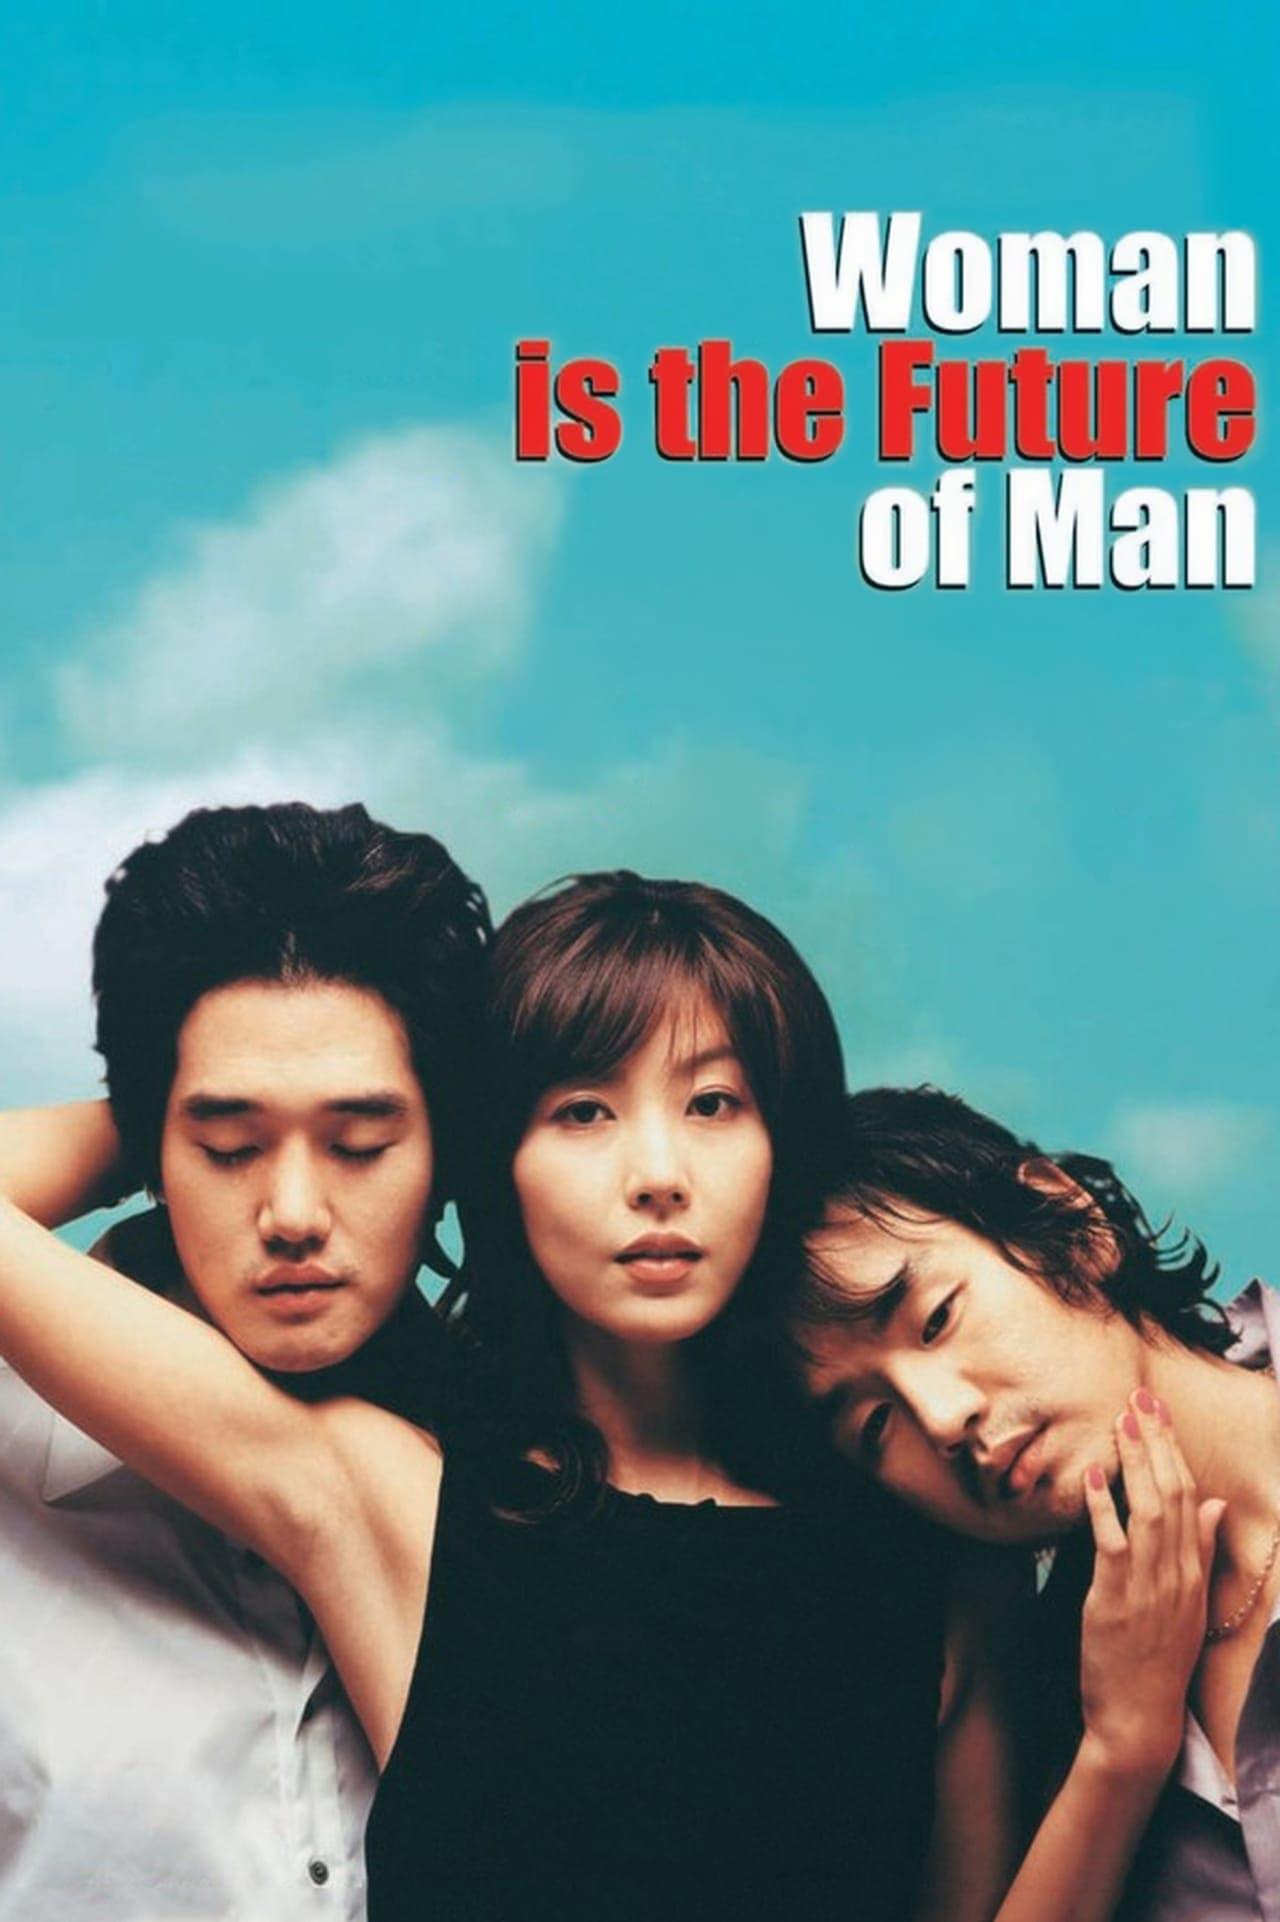 La mujer es el futuro del hombre